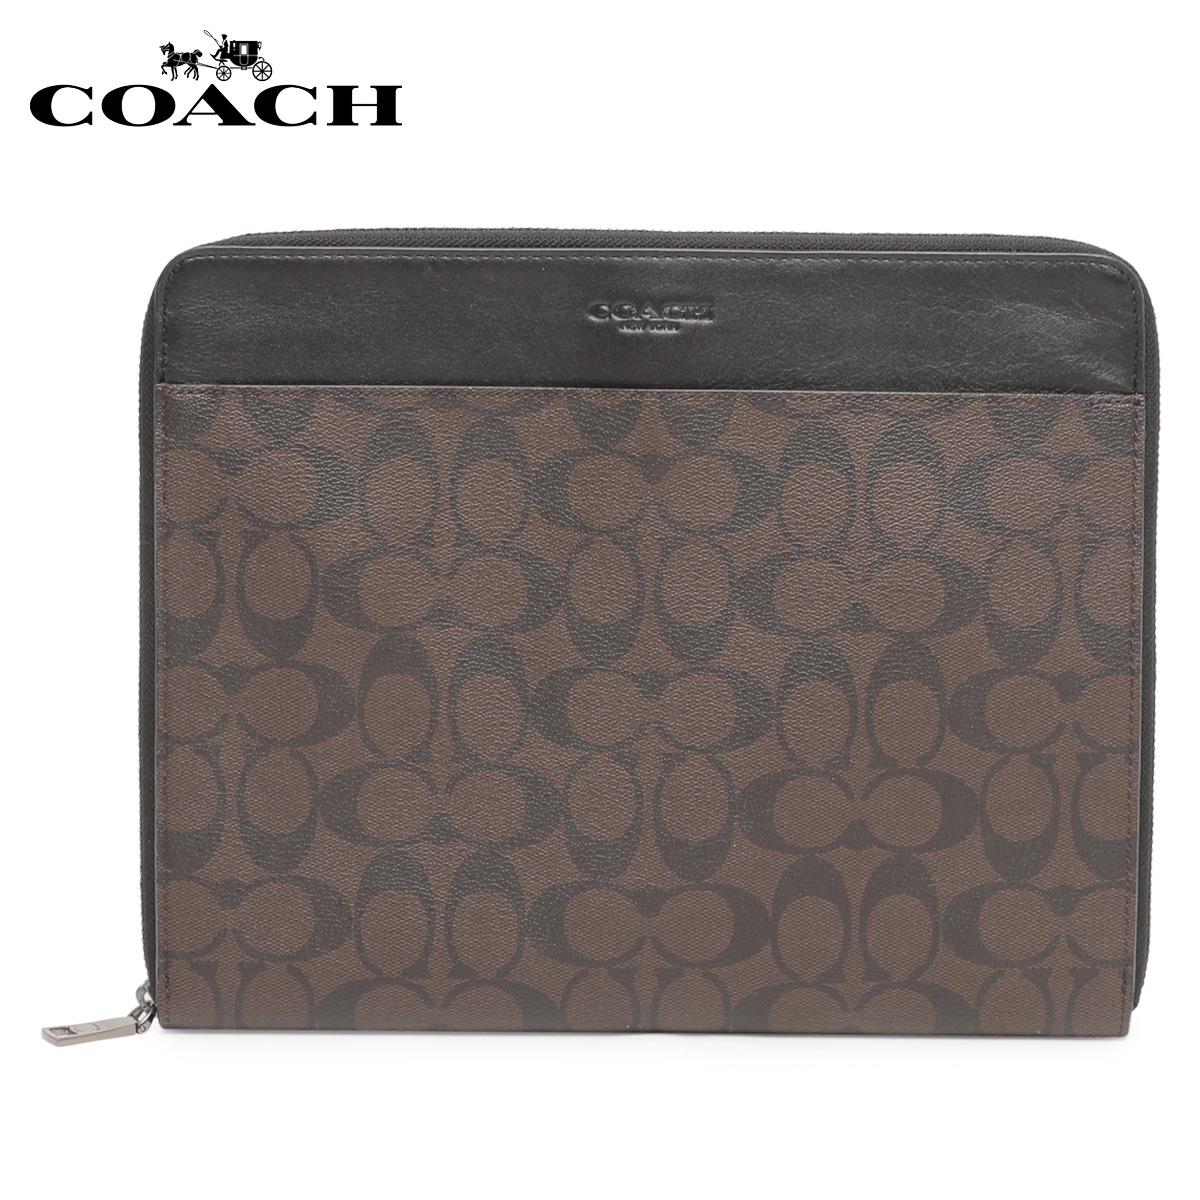 COACH F32654 コーチ タブレットケース iPadケース レディース シグネチャー ブラウン